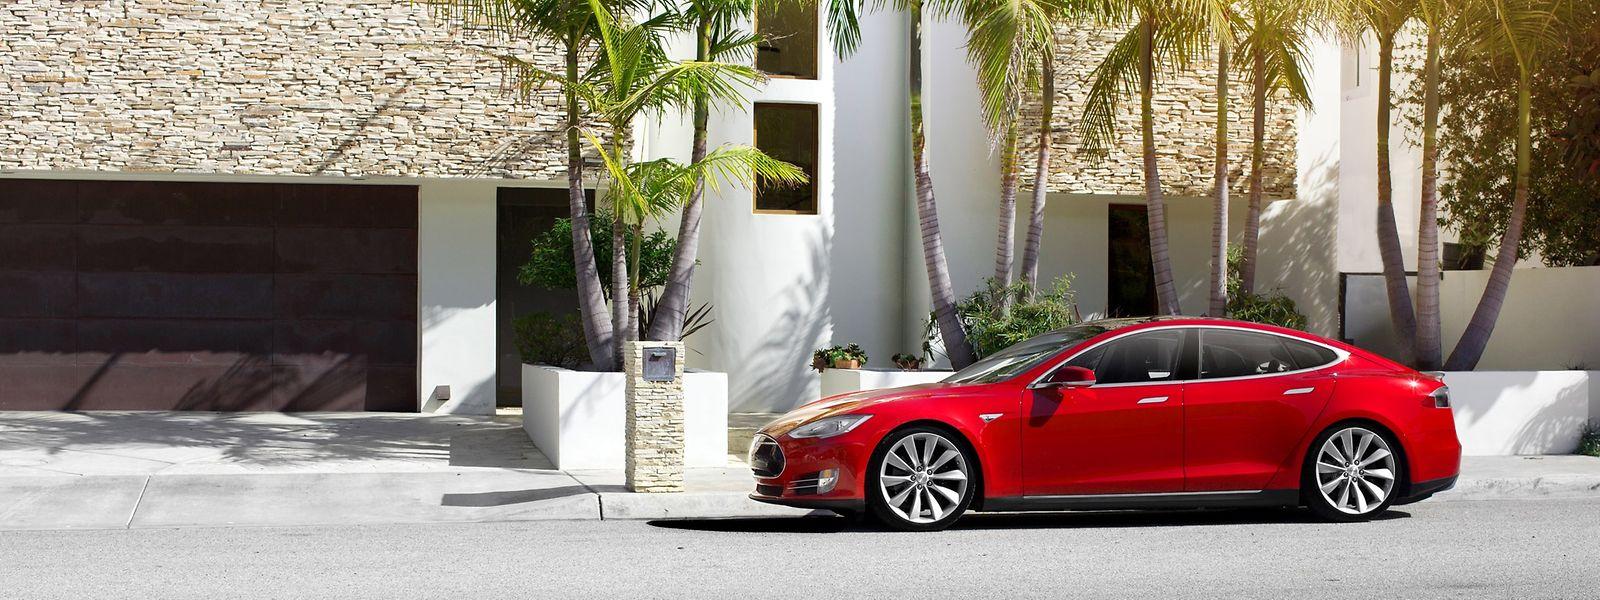 Mit einer vollen Ladung soll ein Tesla Model S im Schnitt 500 Kilometer fahren können.